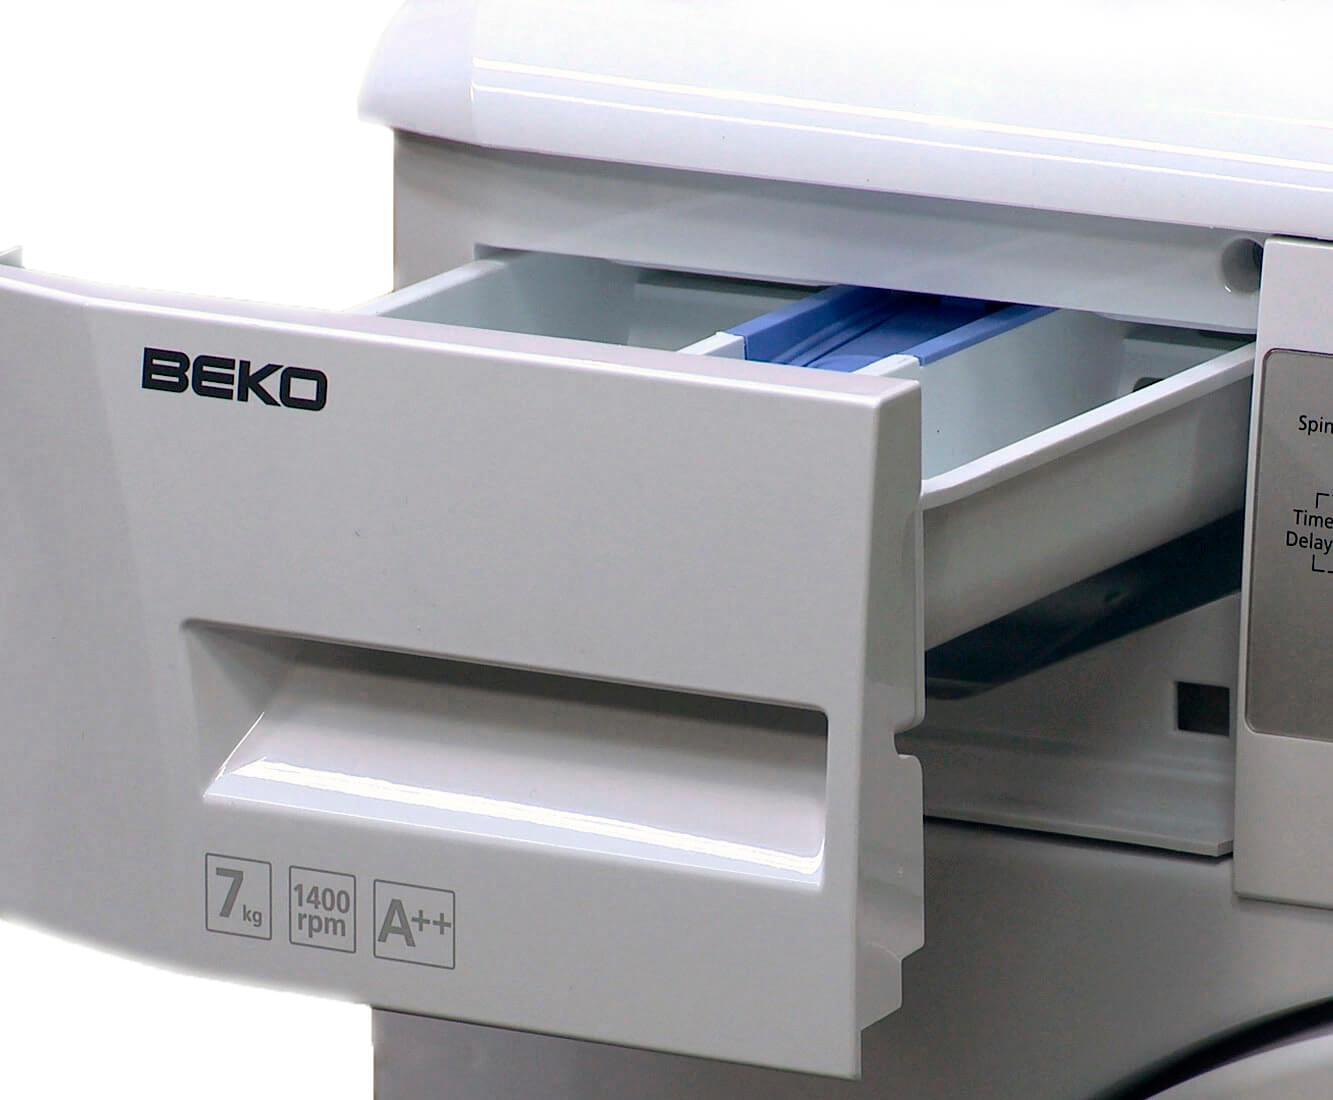 Веко стиральная машина ремонт своими руками фото